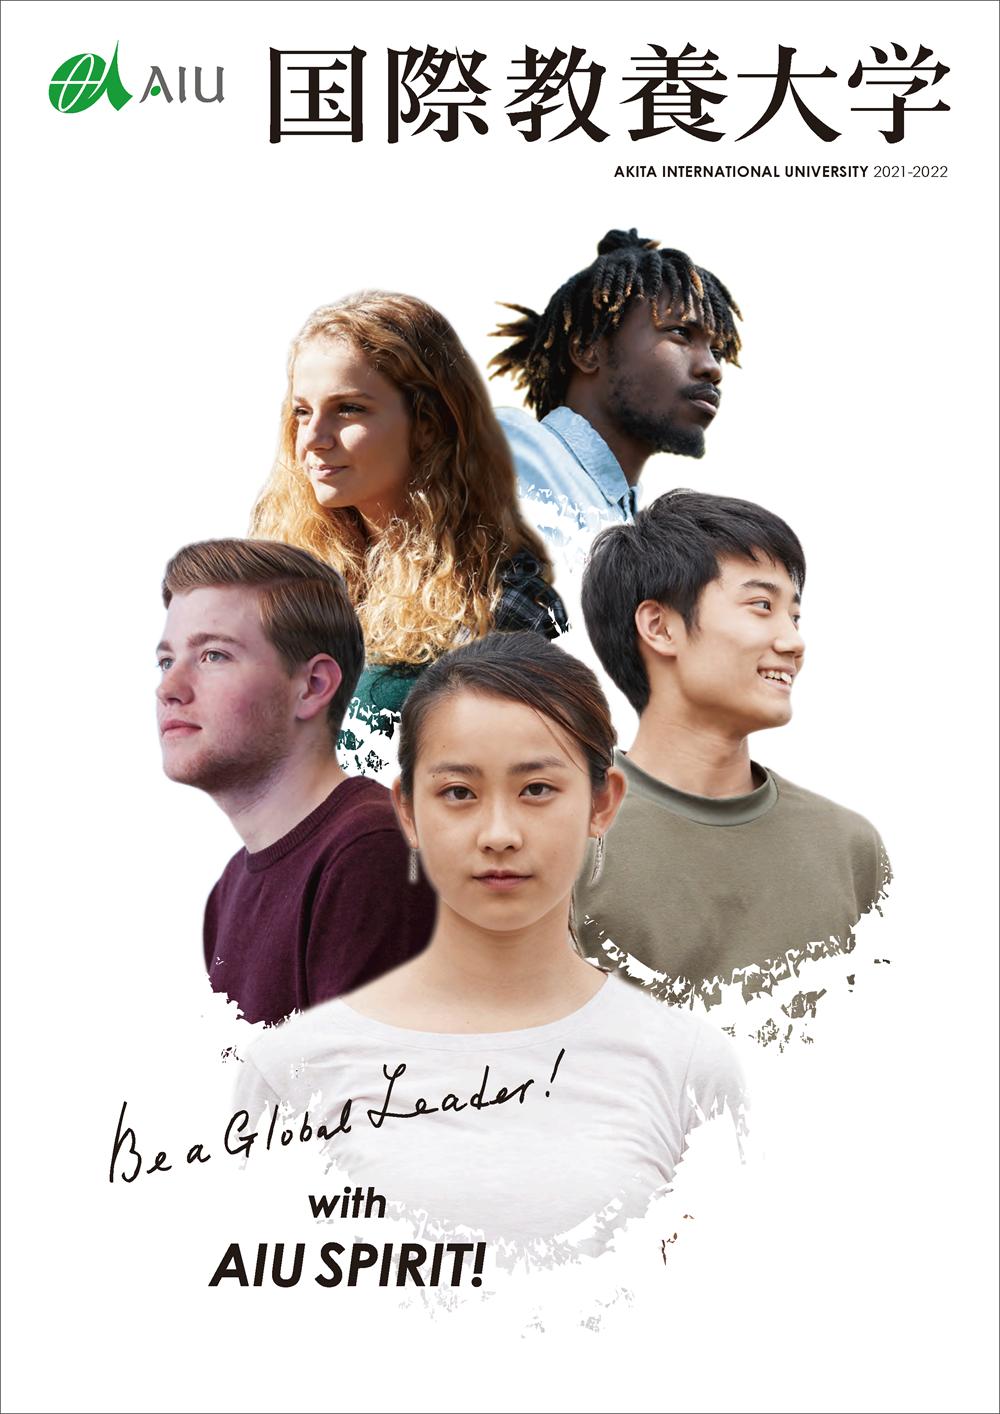 国際教養大学 大学案内パンフレット2021-2022の表紙